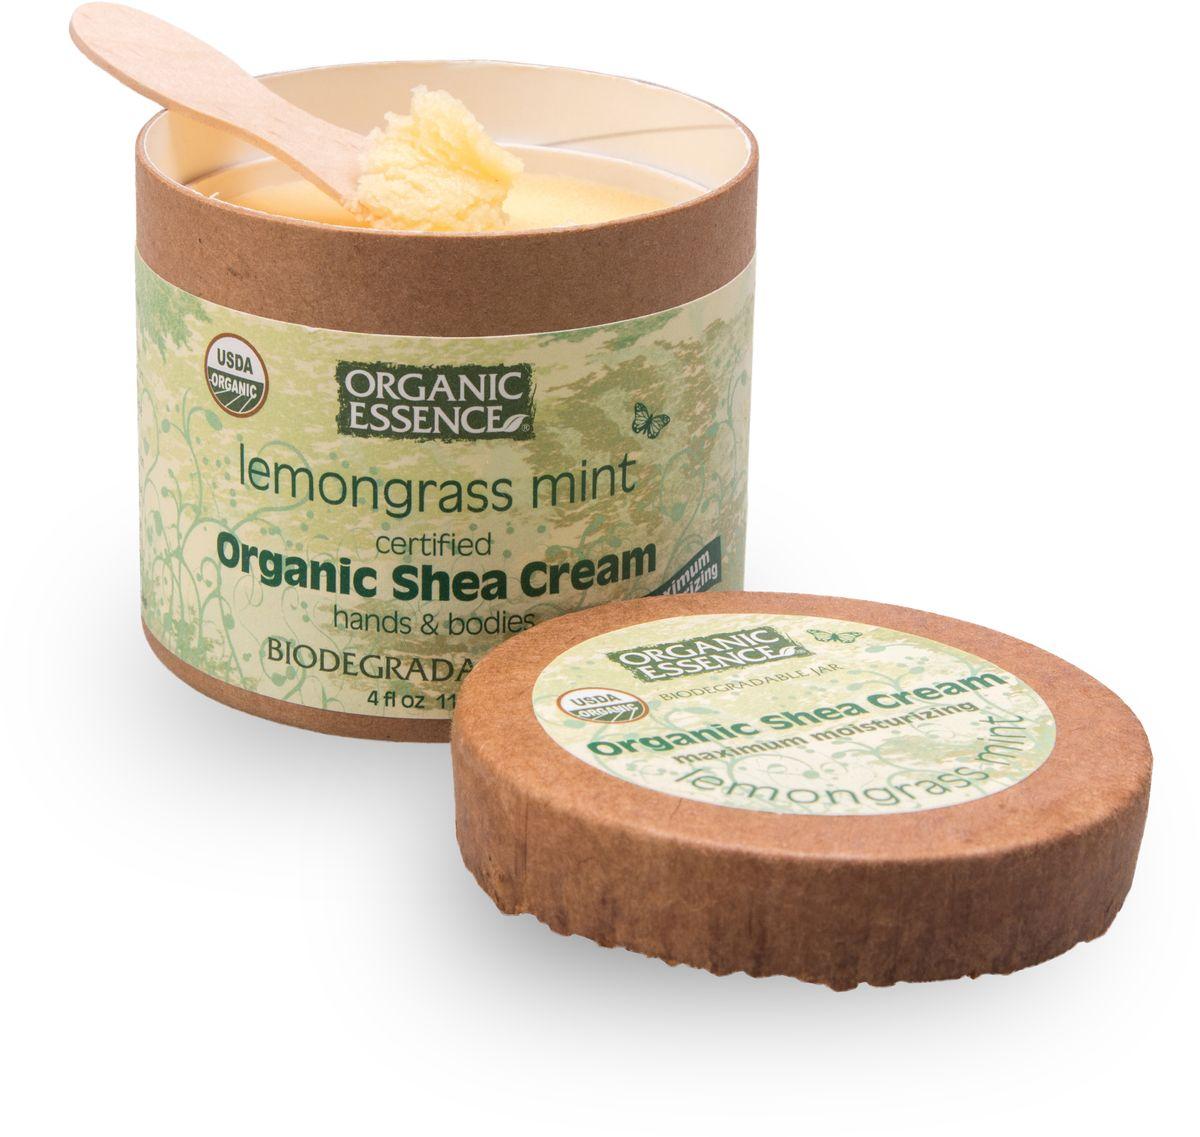 Organic Essence Органический крем Ши (Карите), Лемонгасс и мята 114 г/118 млCCLEMUSDA Organic сертифицированный продукт. Интенсивное увлажнение. Подходит для ежедневного применения. В состав Органического крема Ши входит масло лимонника известно какэффективное тонизирующее средство для кожи,естественнорасширяющее периферическиекровеносныесосуды,стягивающее поры, сглаживающее морщины. В масле лимонника содержится очень много биологически активных веществ. Этот ценный природный продукт, который способствует усилению умственной и физической активности. Масло лимонника способствует концентрации внимания, улучшает память, повышает работоспособность, адаптирует к внешним условиям. Лимонник – природный тоник и антидепрессант. Органическое масло мяты подходит для ухода за жирной и раздраженной кожей. При воспалительных процессах на коже, сосудистой сетке, угревой сыпи, а также синяках и отеках используйтеорганический крем Ши Лемонграсс и Мята. Наслаждайтесьсиянием молодости.